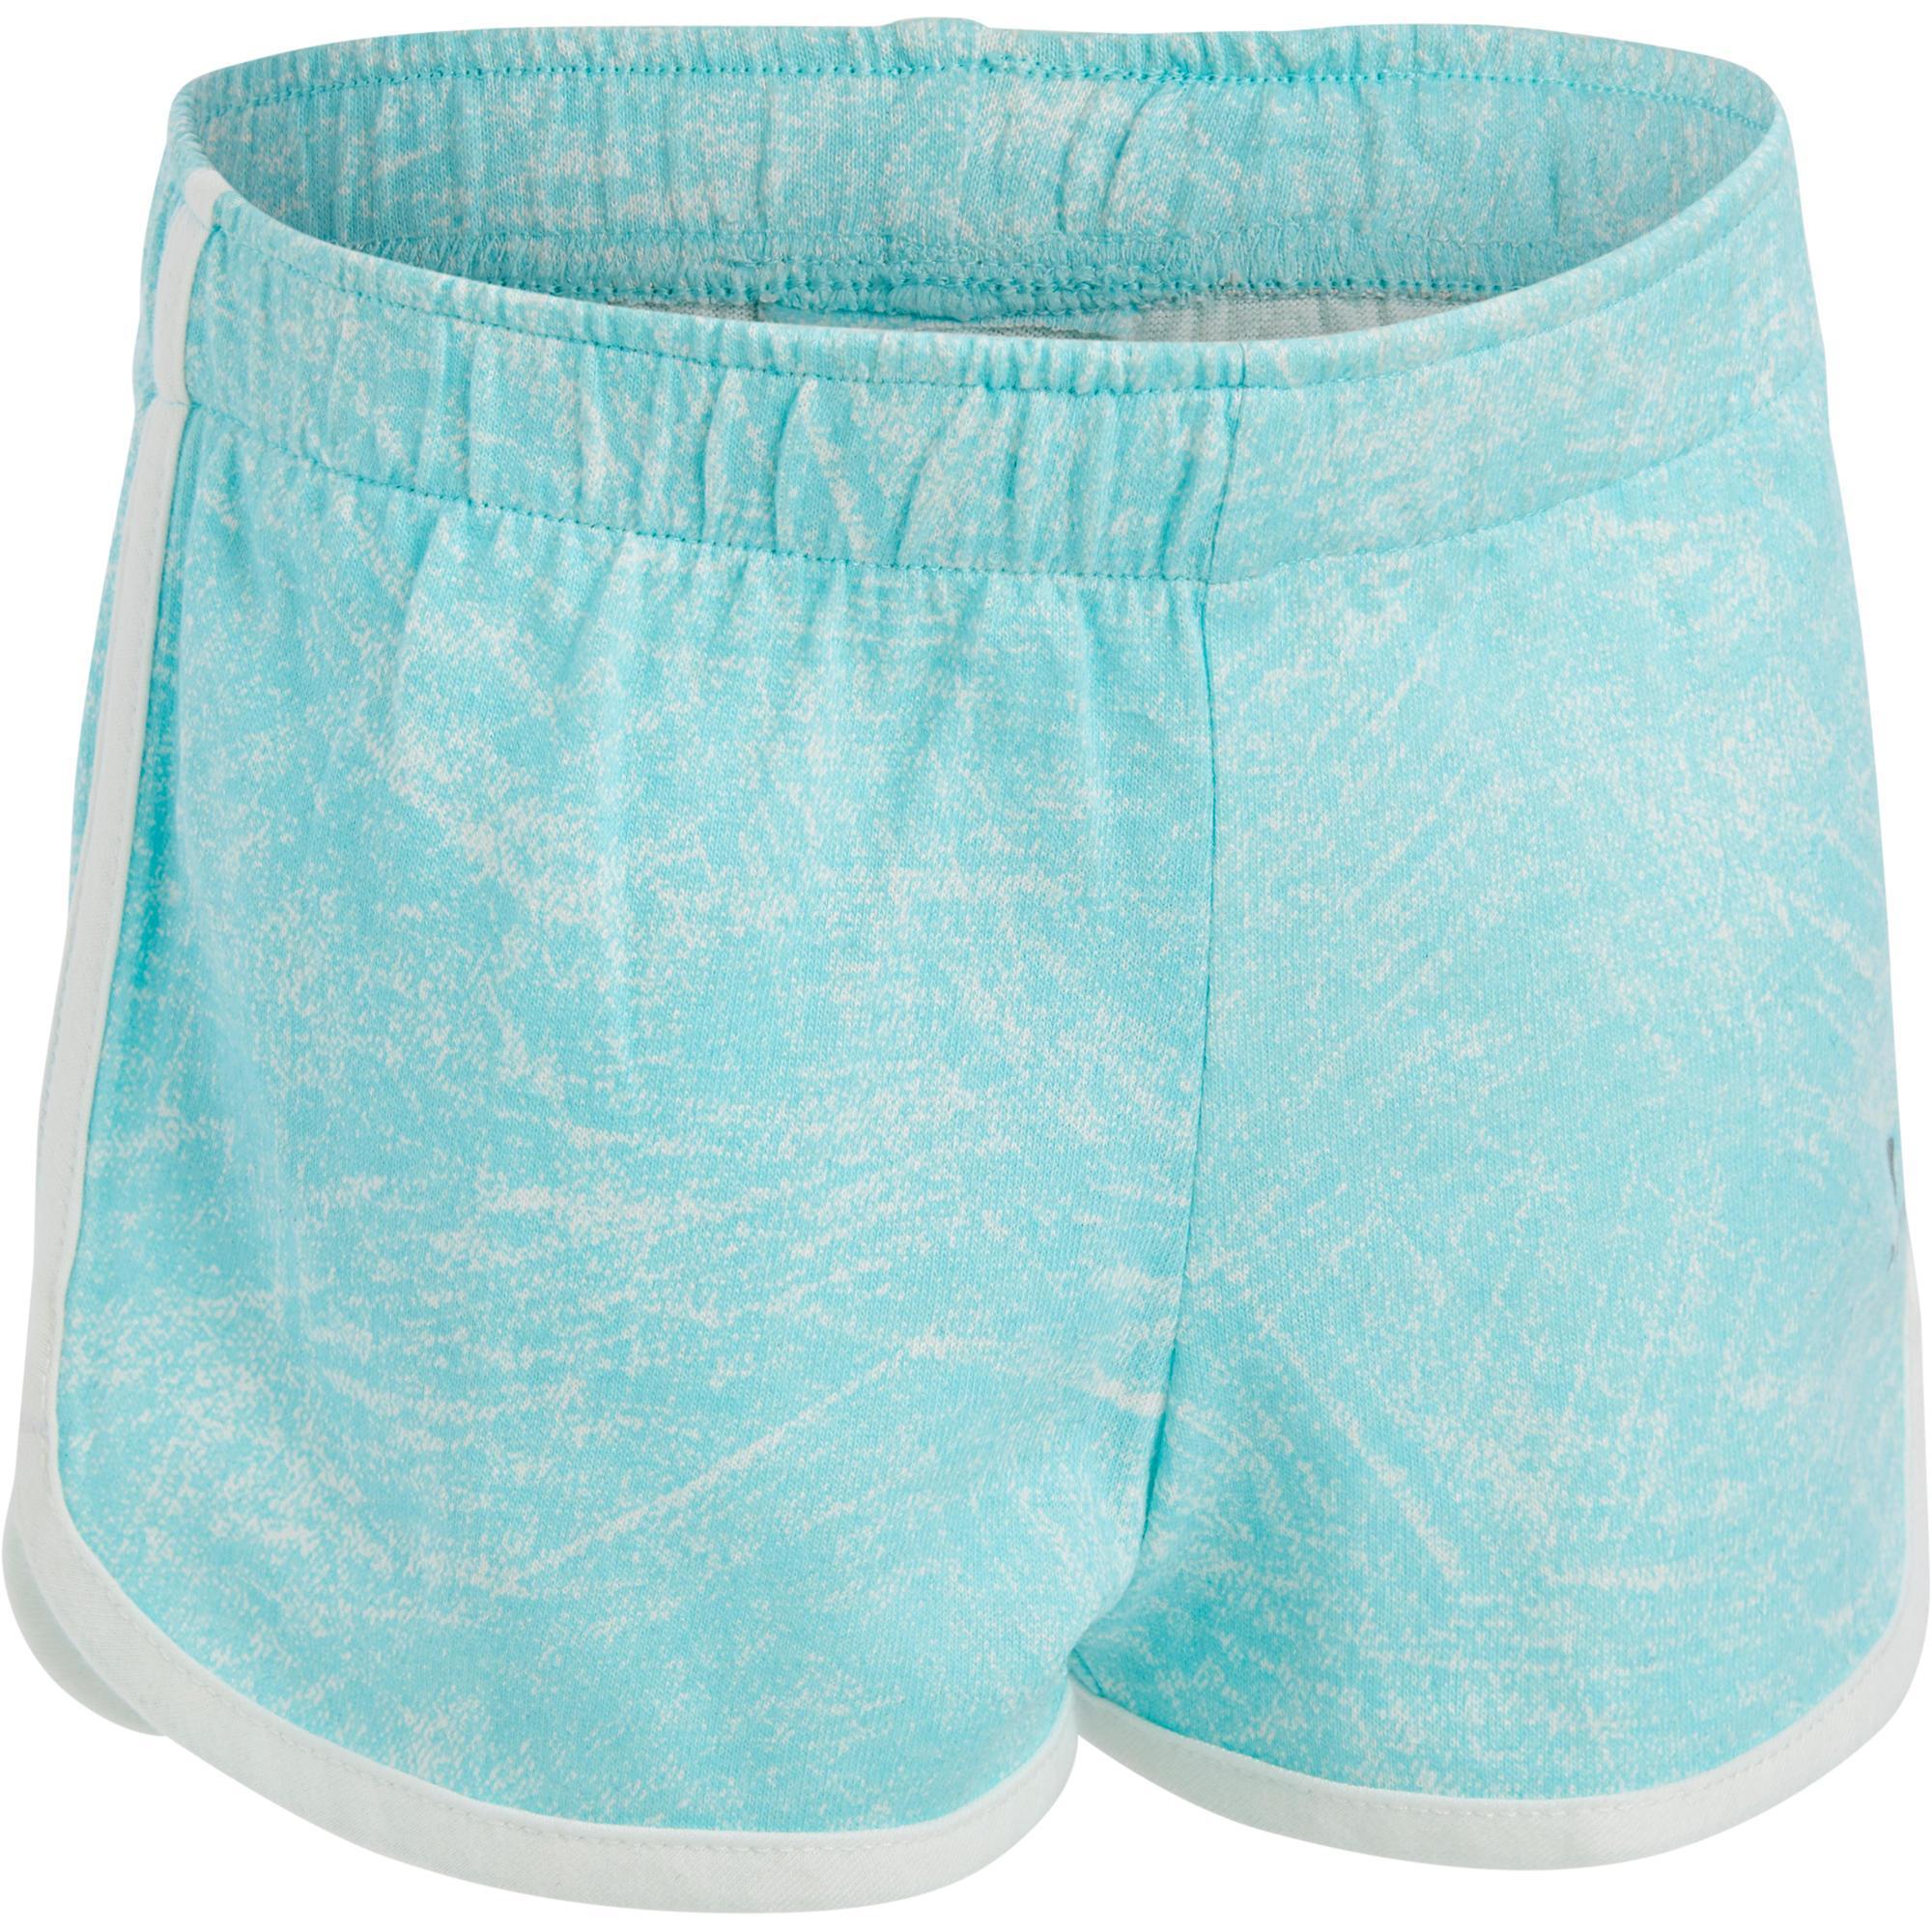 Baby,Kinder,Jungen,Kinder Sporthose kurz 500 Babyturnen blau weiß mit Print | 03608419225907